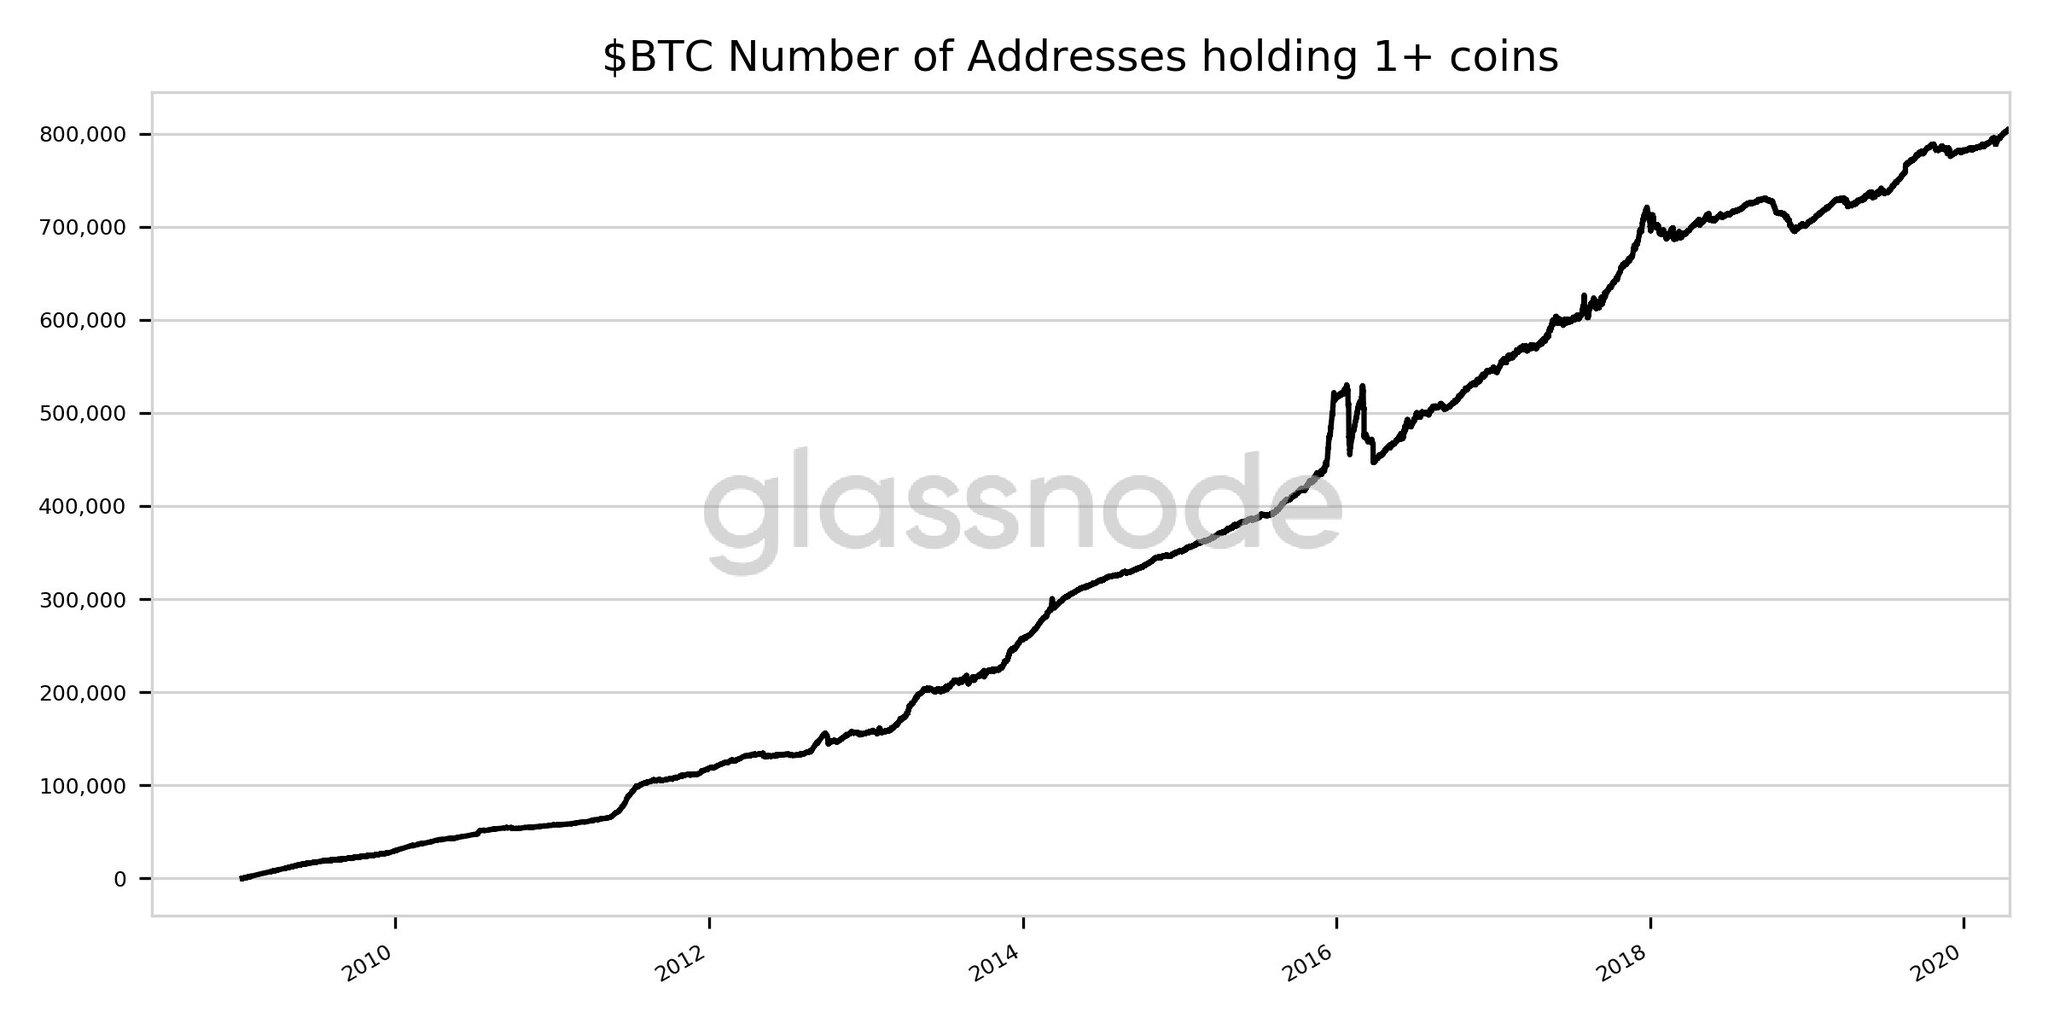 endereços com mais de 1 bitcoins